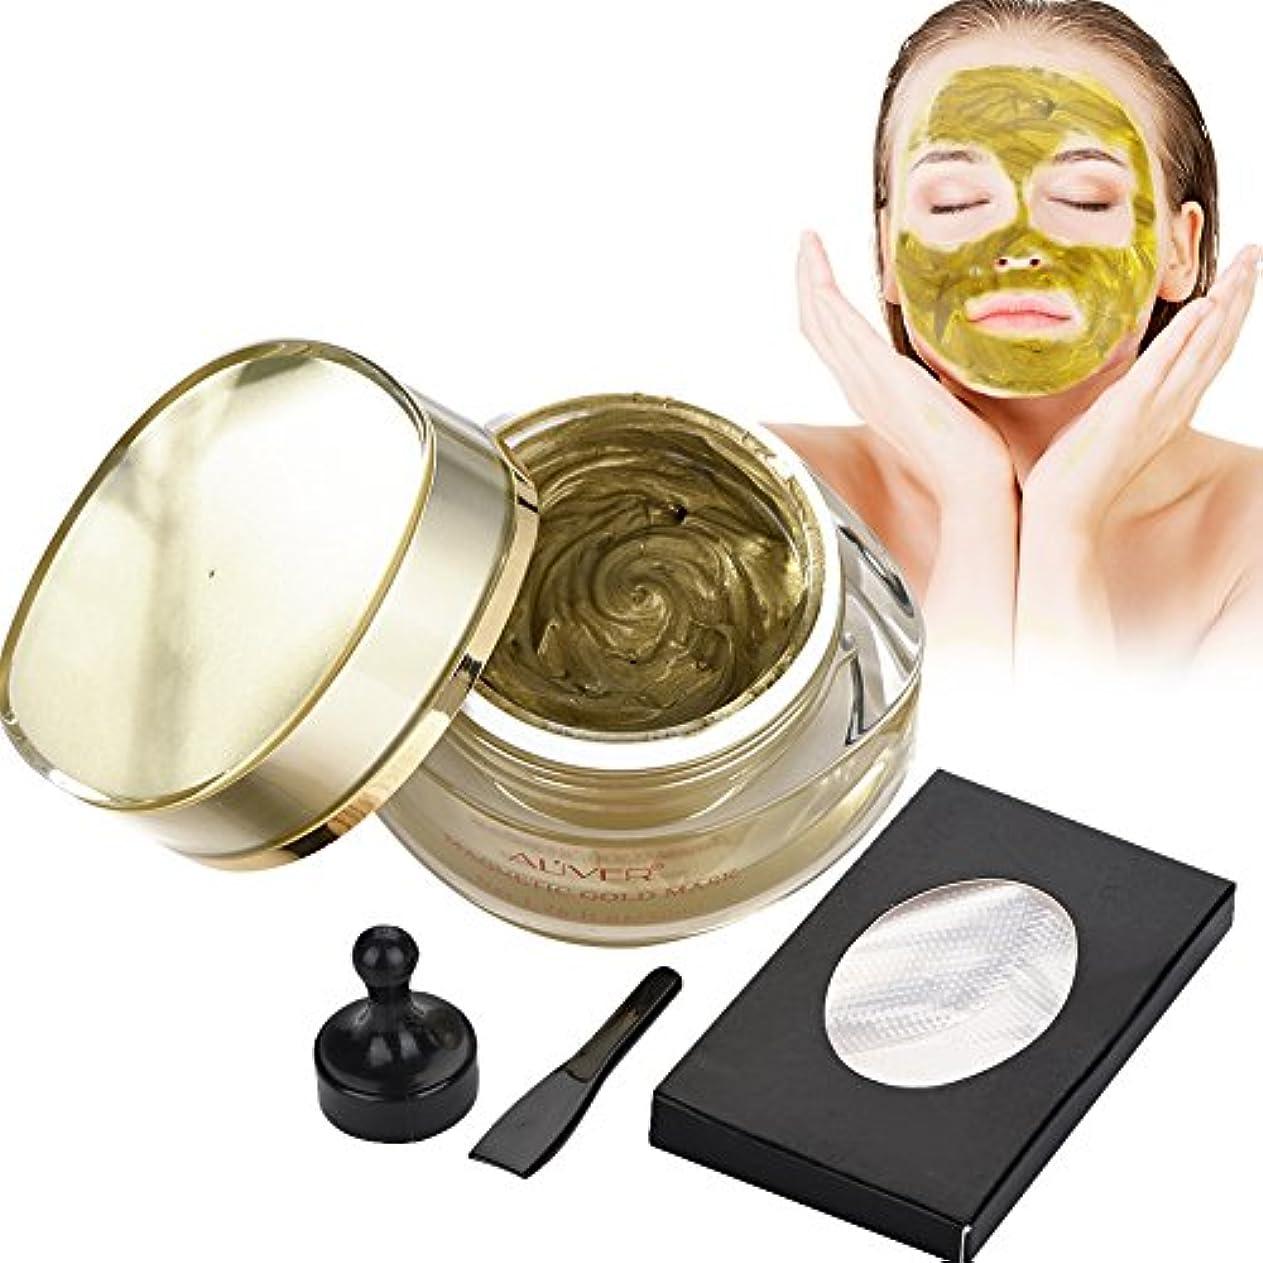 軽蔑するブランドカウント磁気ゴールドマスク、フェイシャルスキンケア 自然成分 ミネラルリッチ ディープクレンジングポア 人気があり